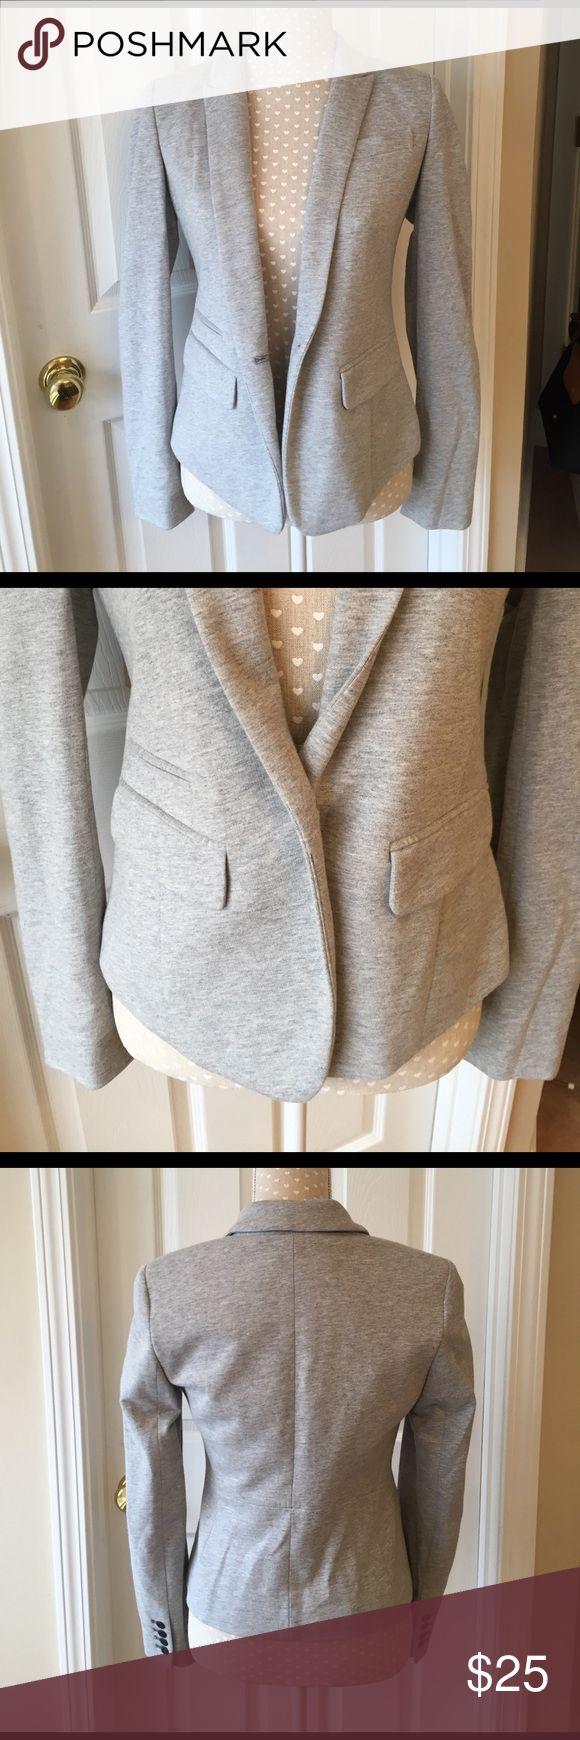 LOFT Gray Cotton Blazer Like New. Size 2. Heather Gray Cotton Blazer LOFT Jackets & Coats Blazers